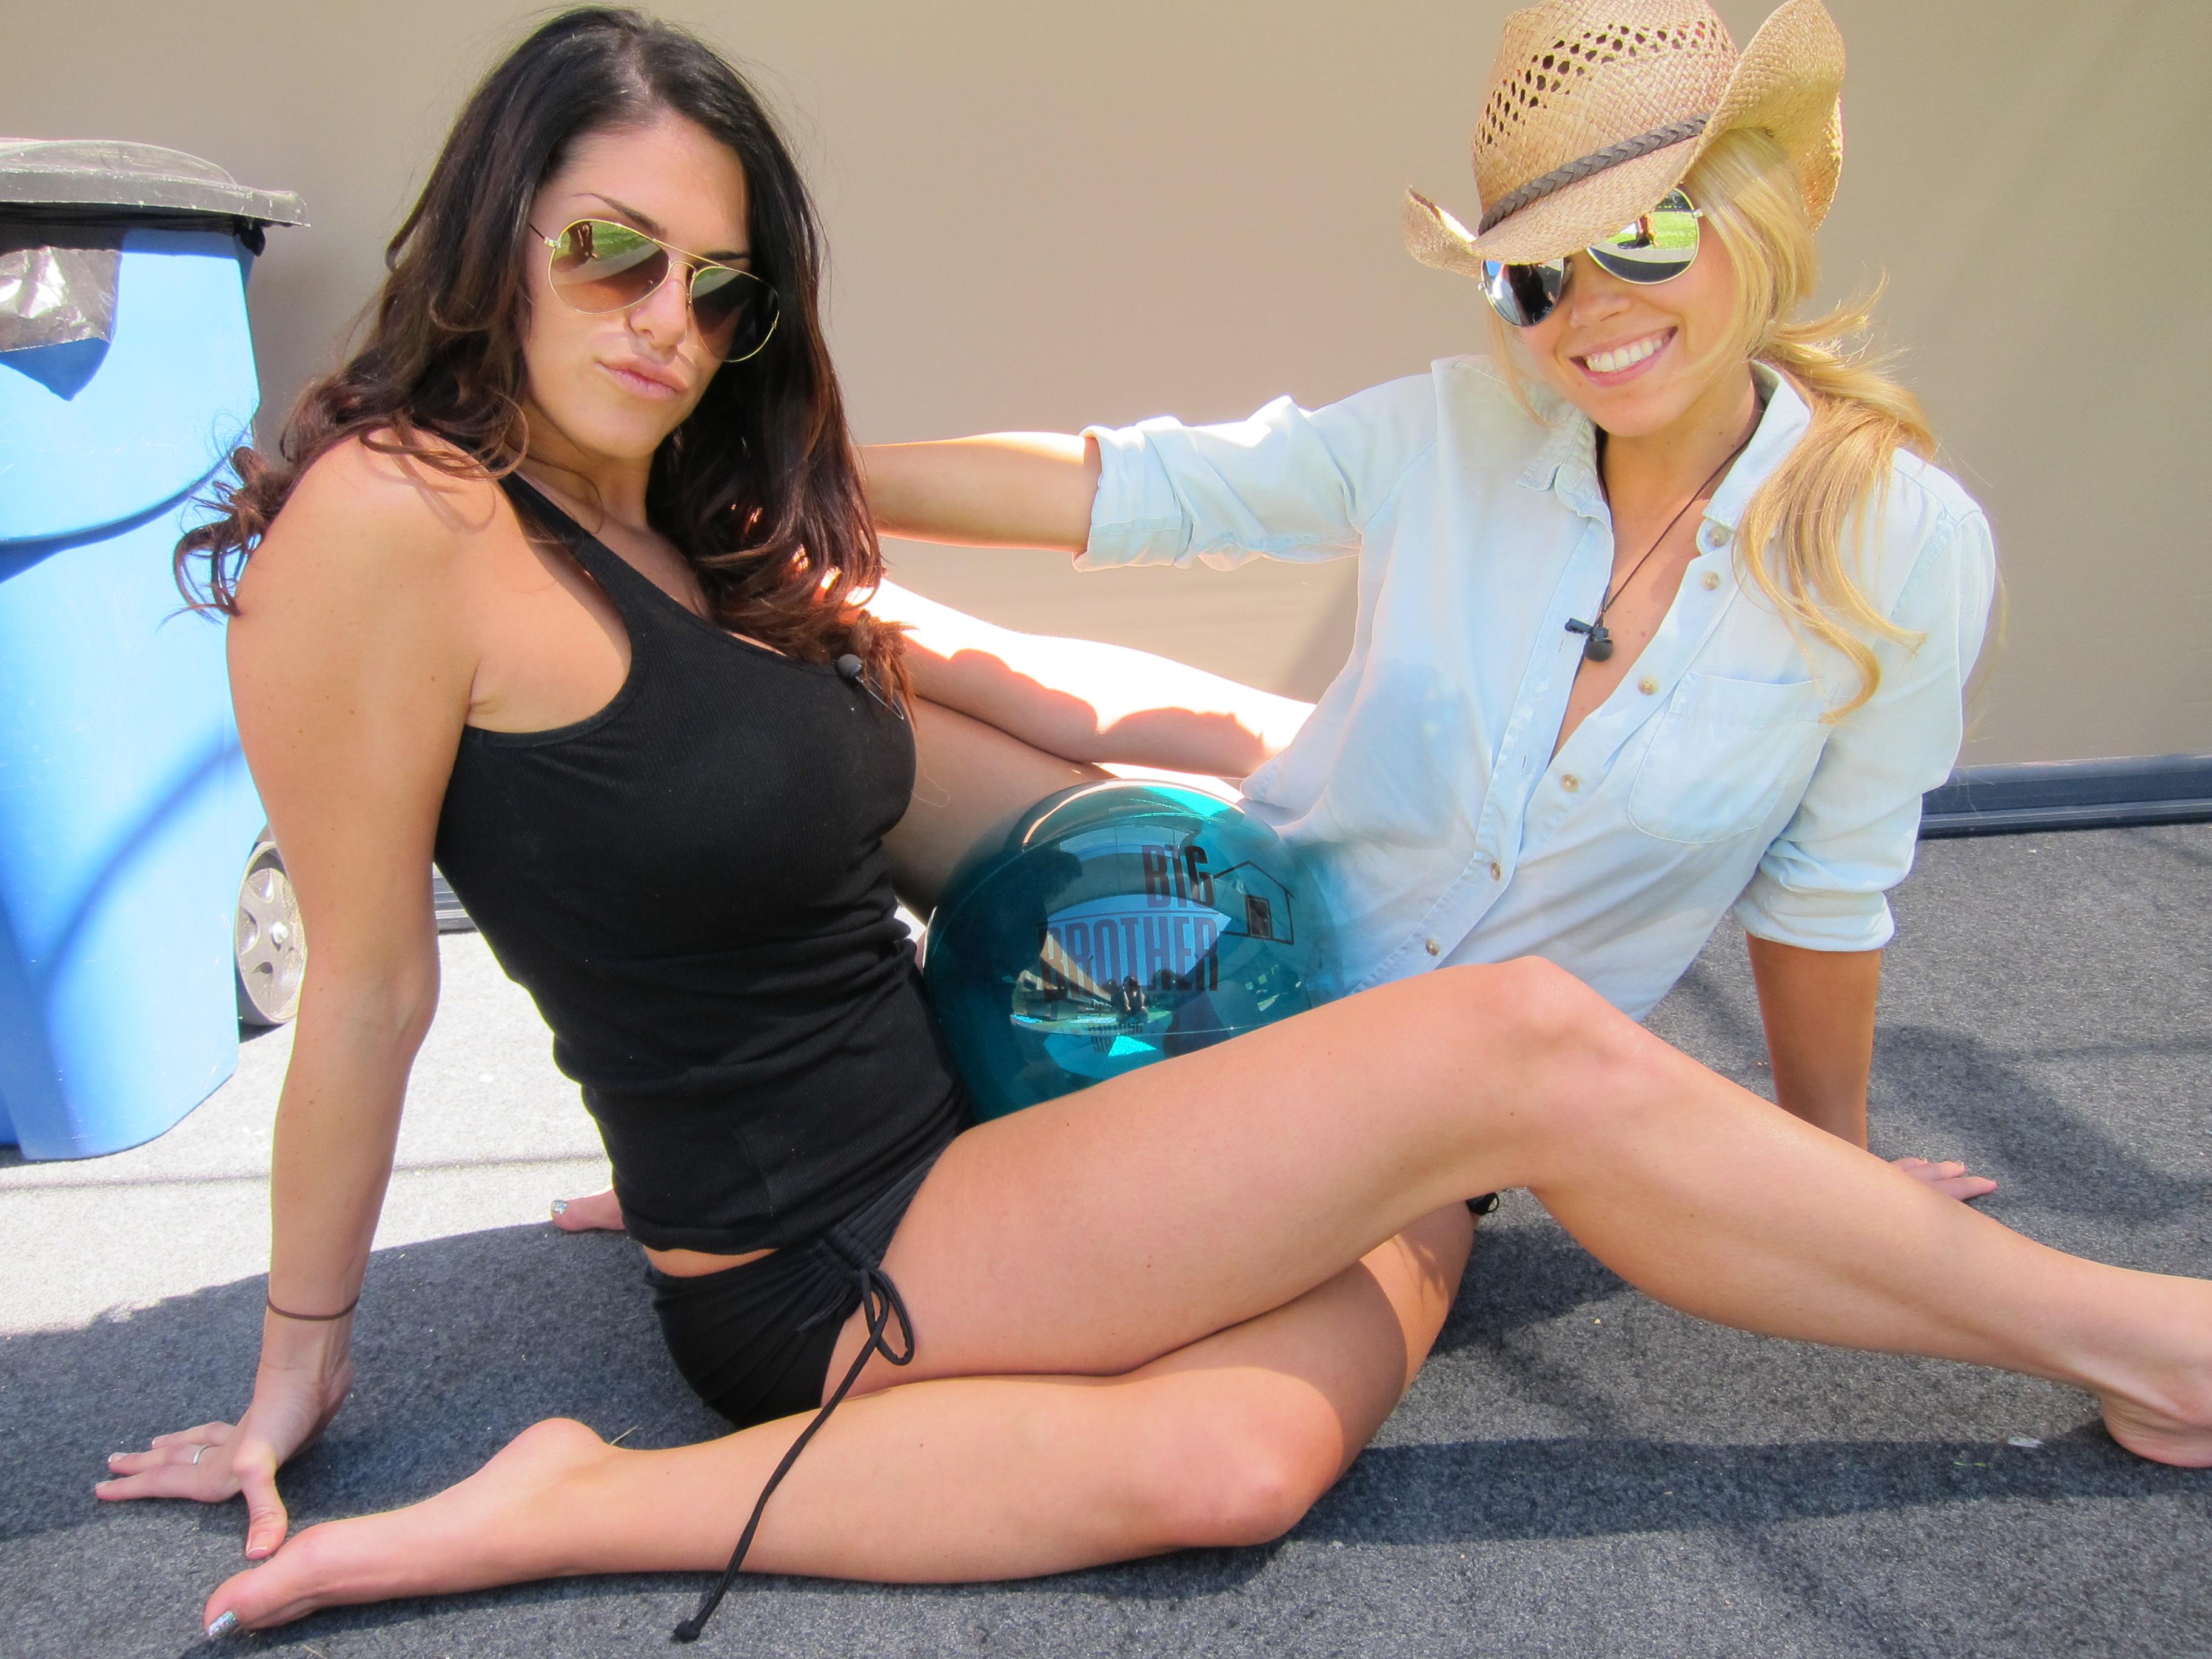 Amanda and Aaryn